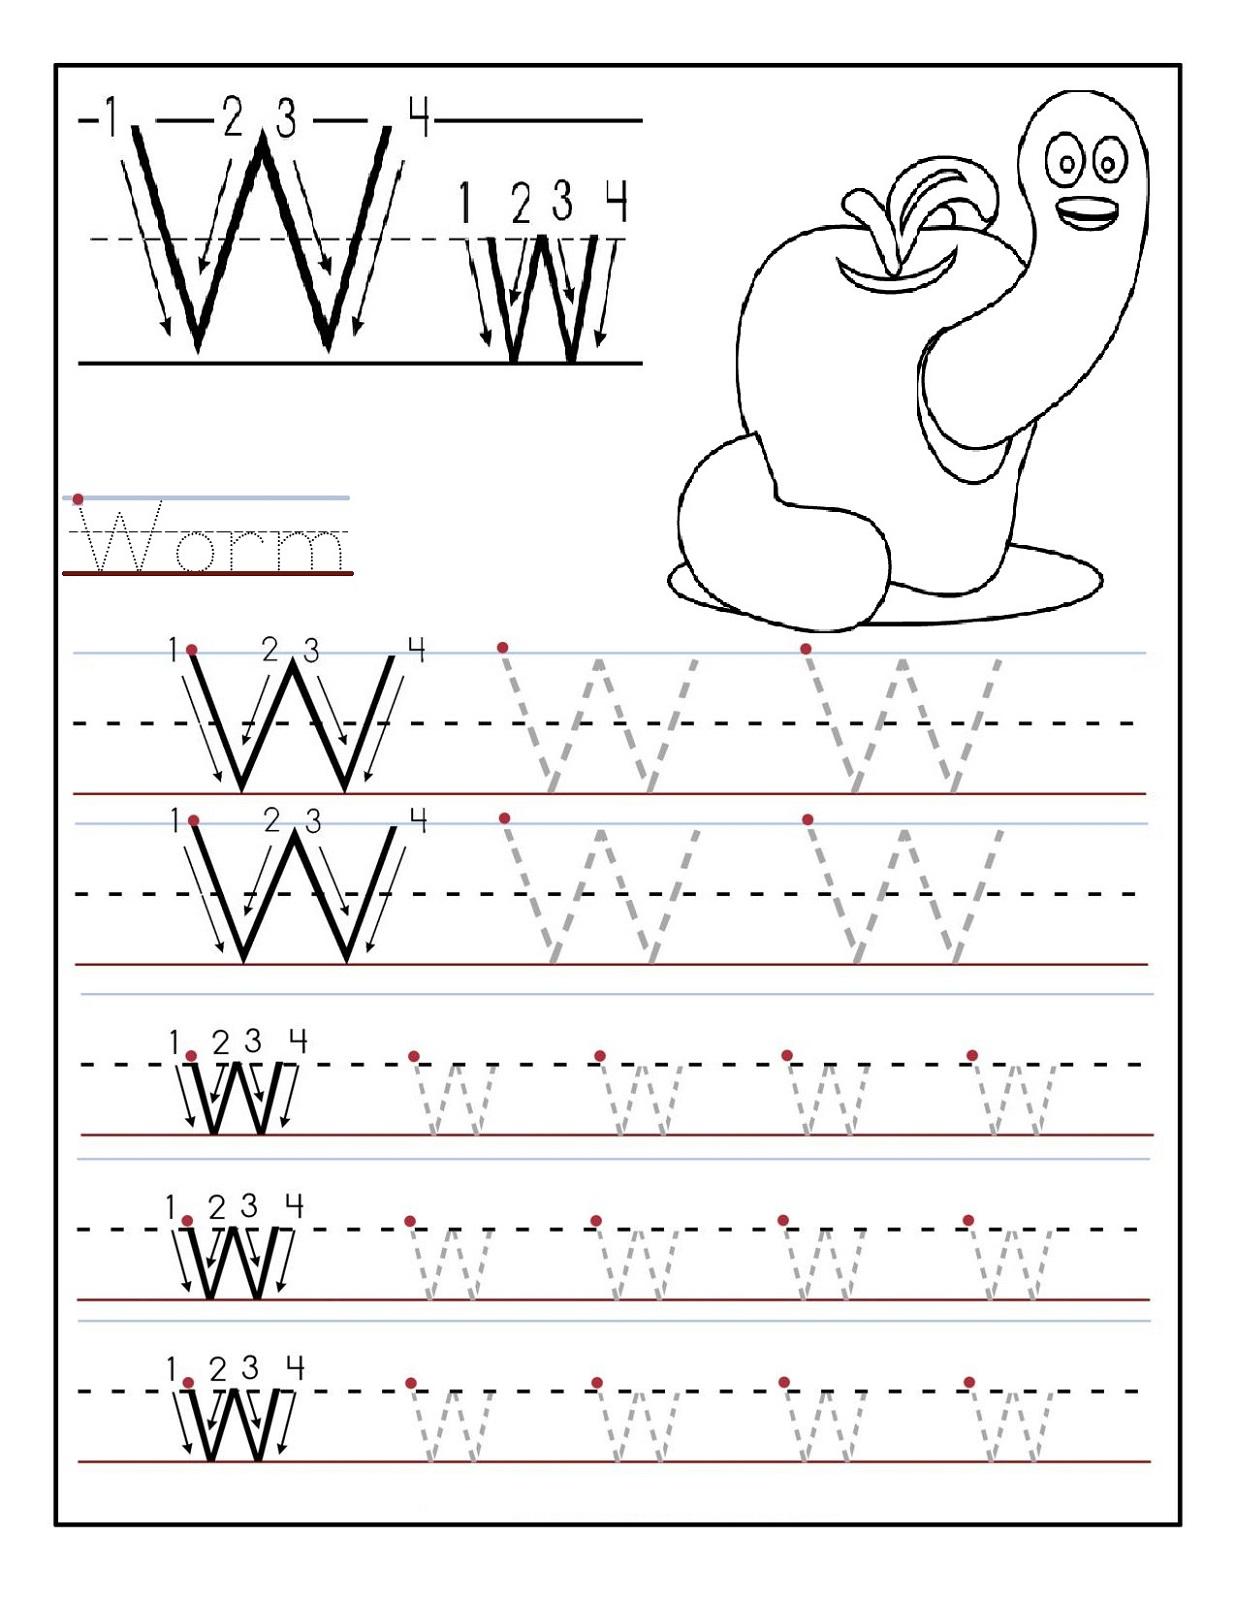 Preschool Alphabet Worksheets Worm With